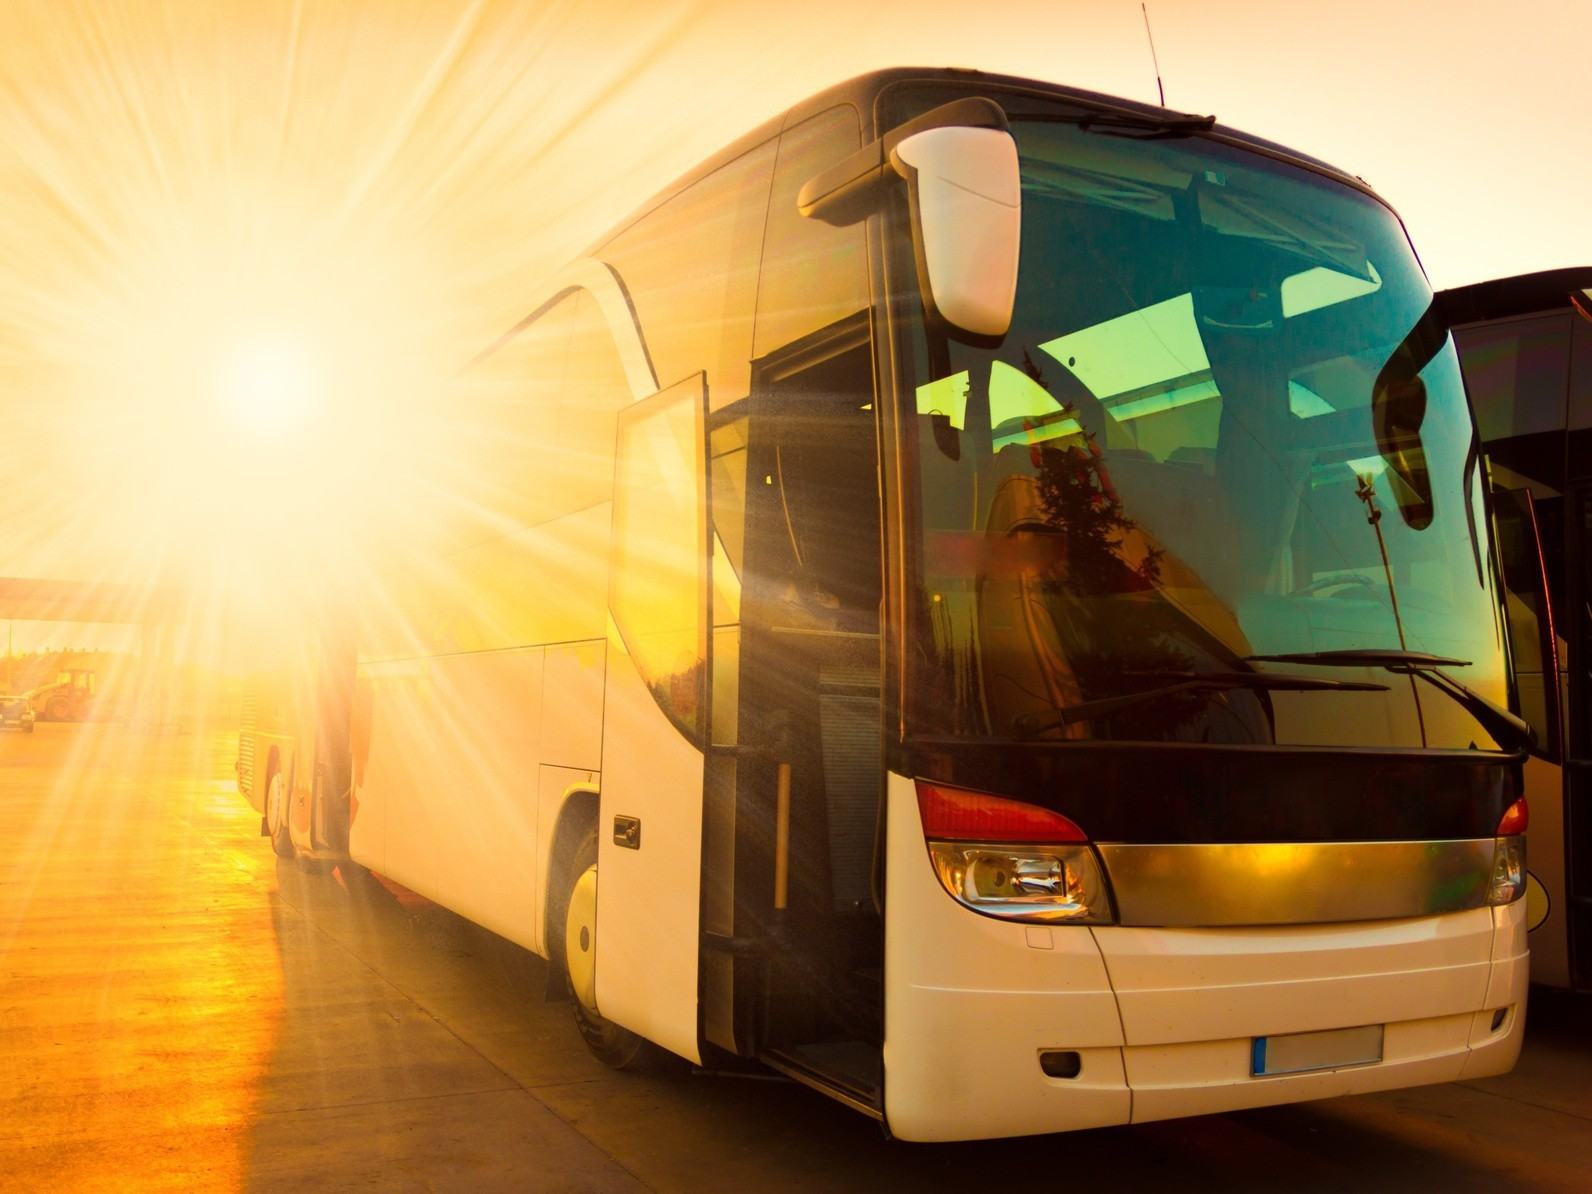 Autobus Rzeszów - Ernestówka oraz powrotny